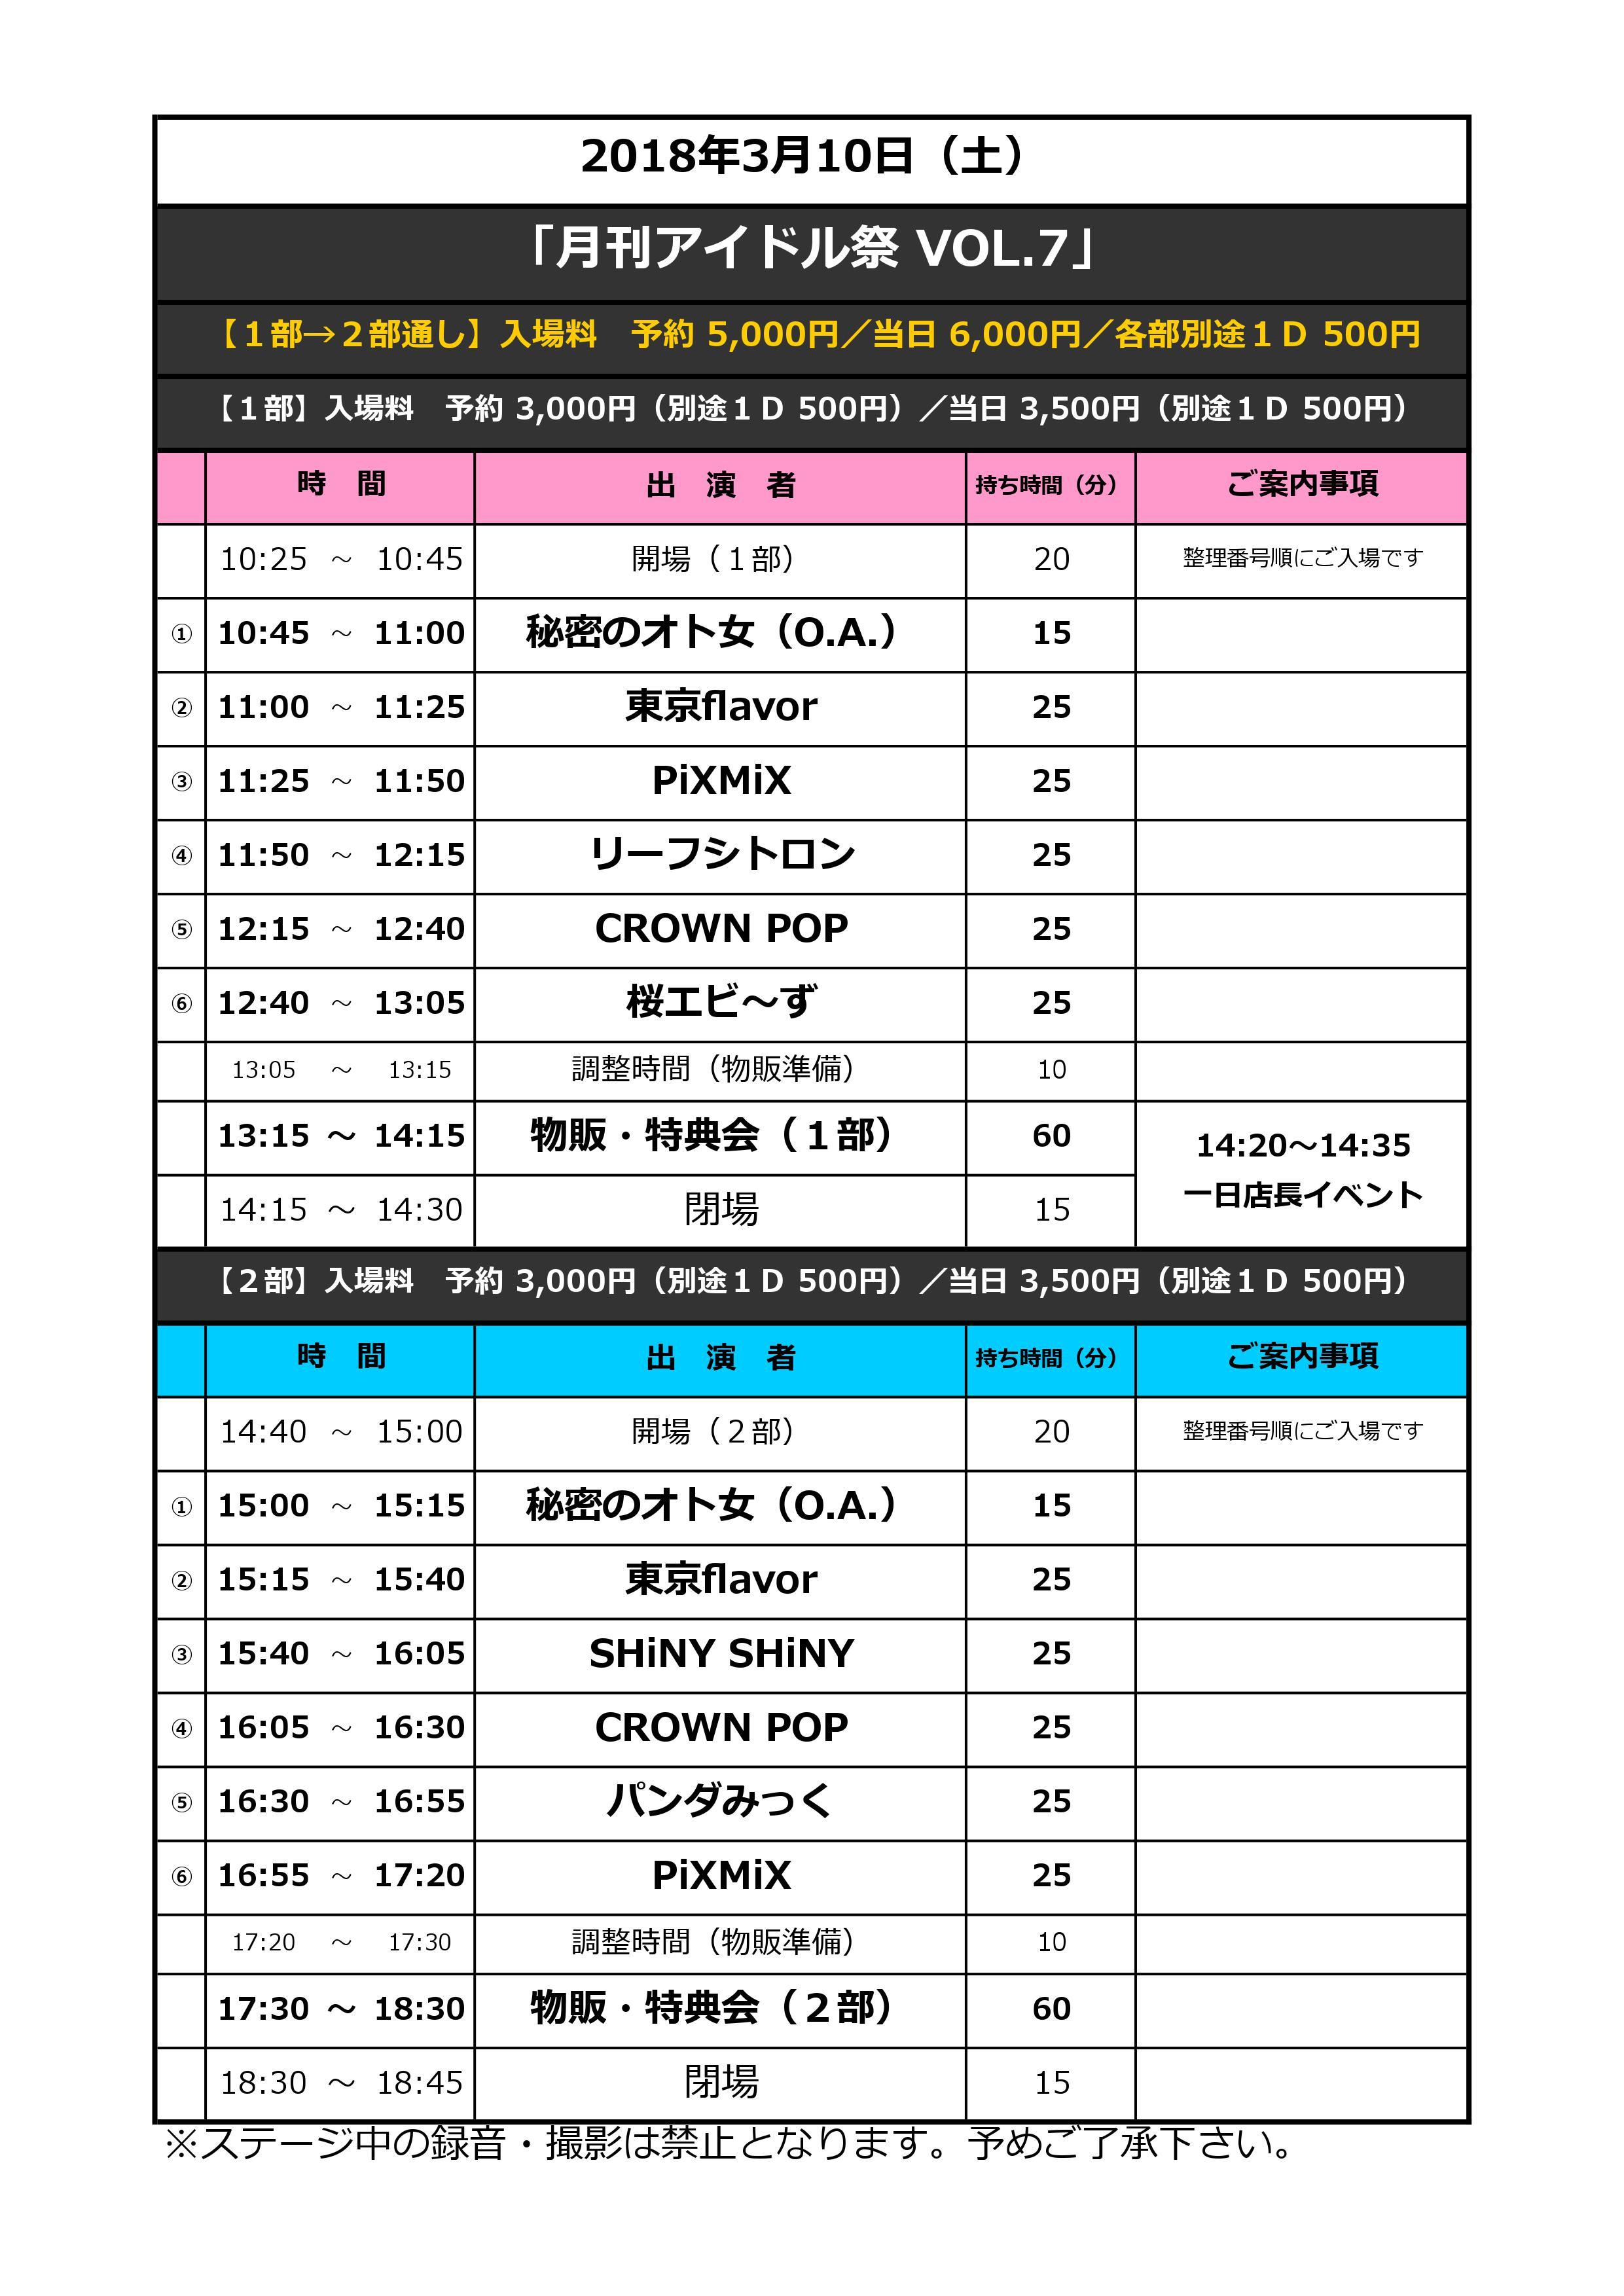 月刊アイドル祭 VOL.7